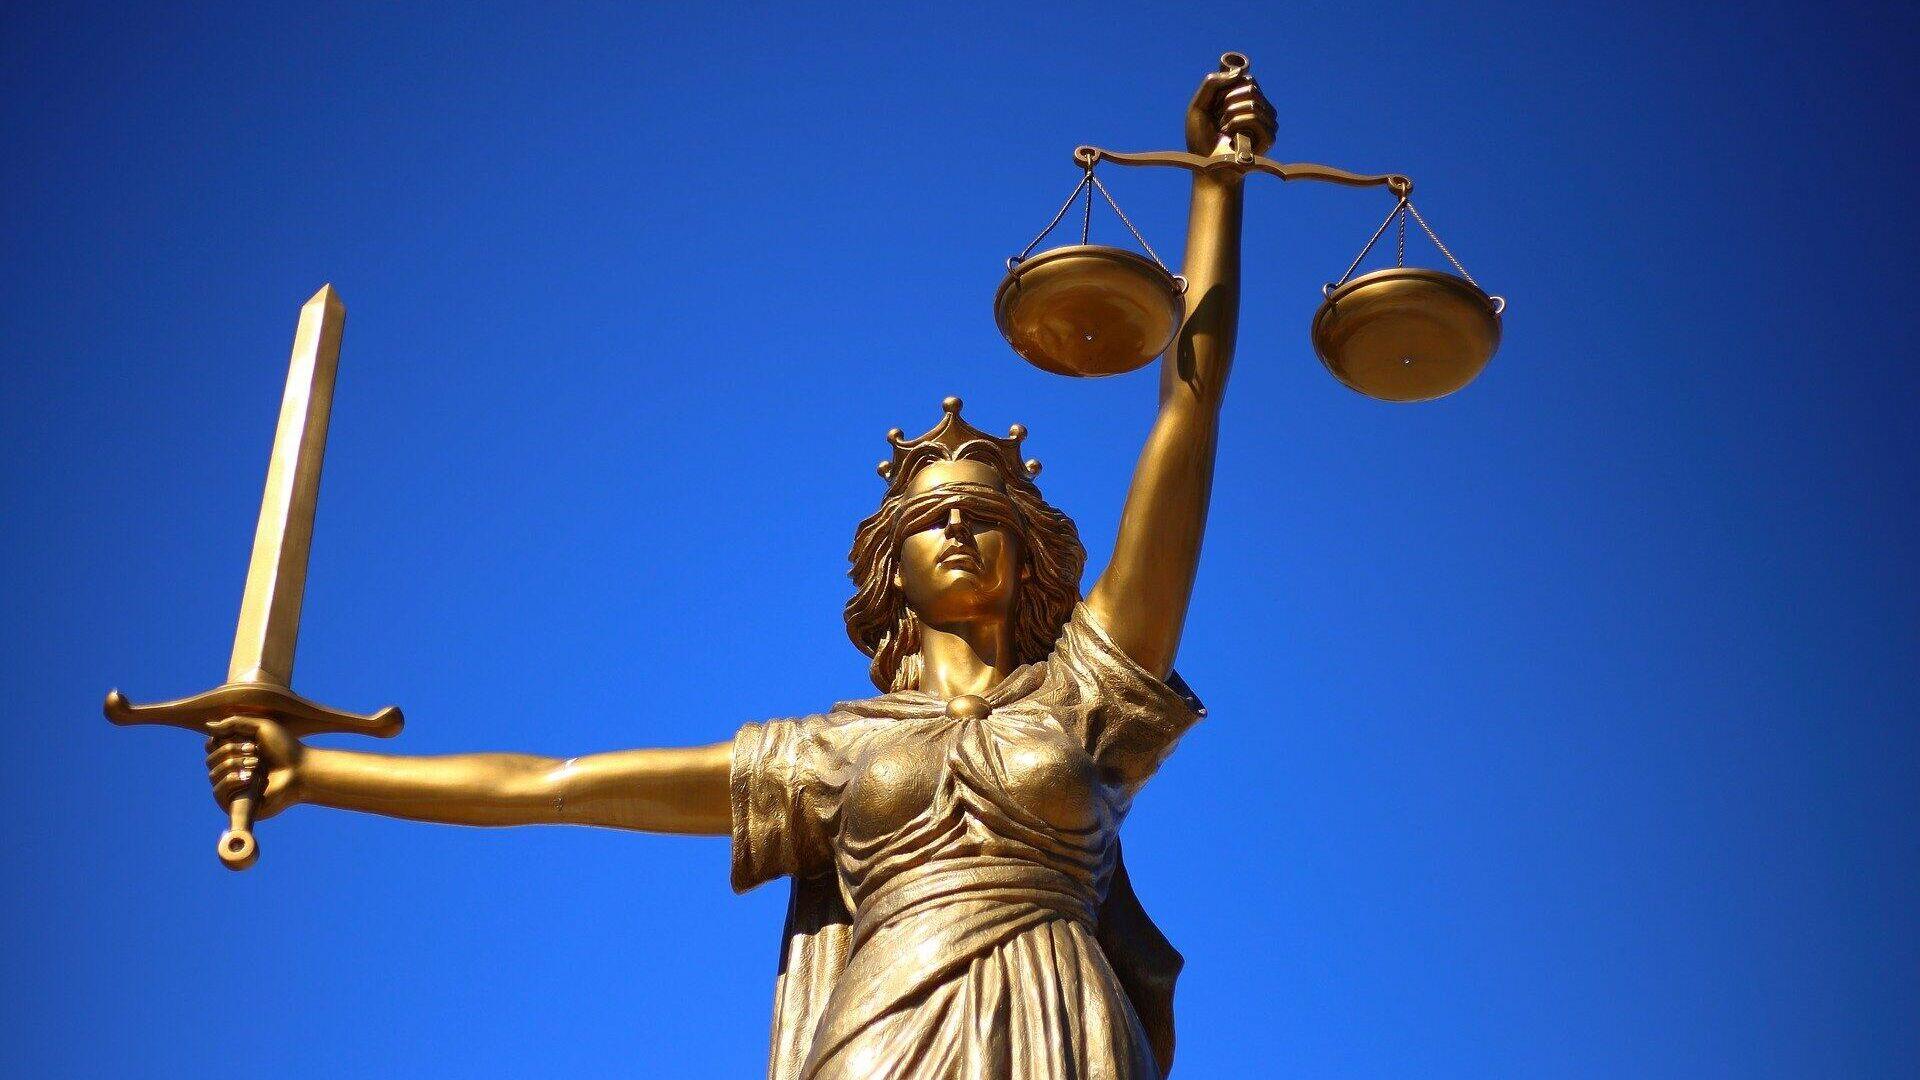 Gerechtigkeit (Symbolbild) - SNA, 1920, 04.10.2021